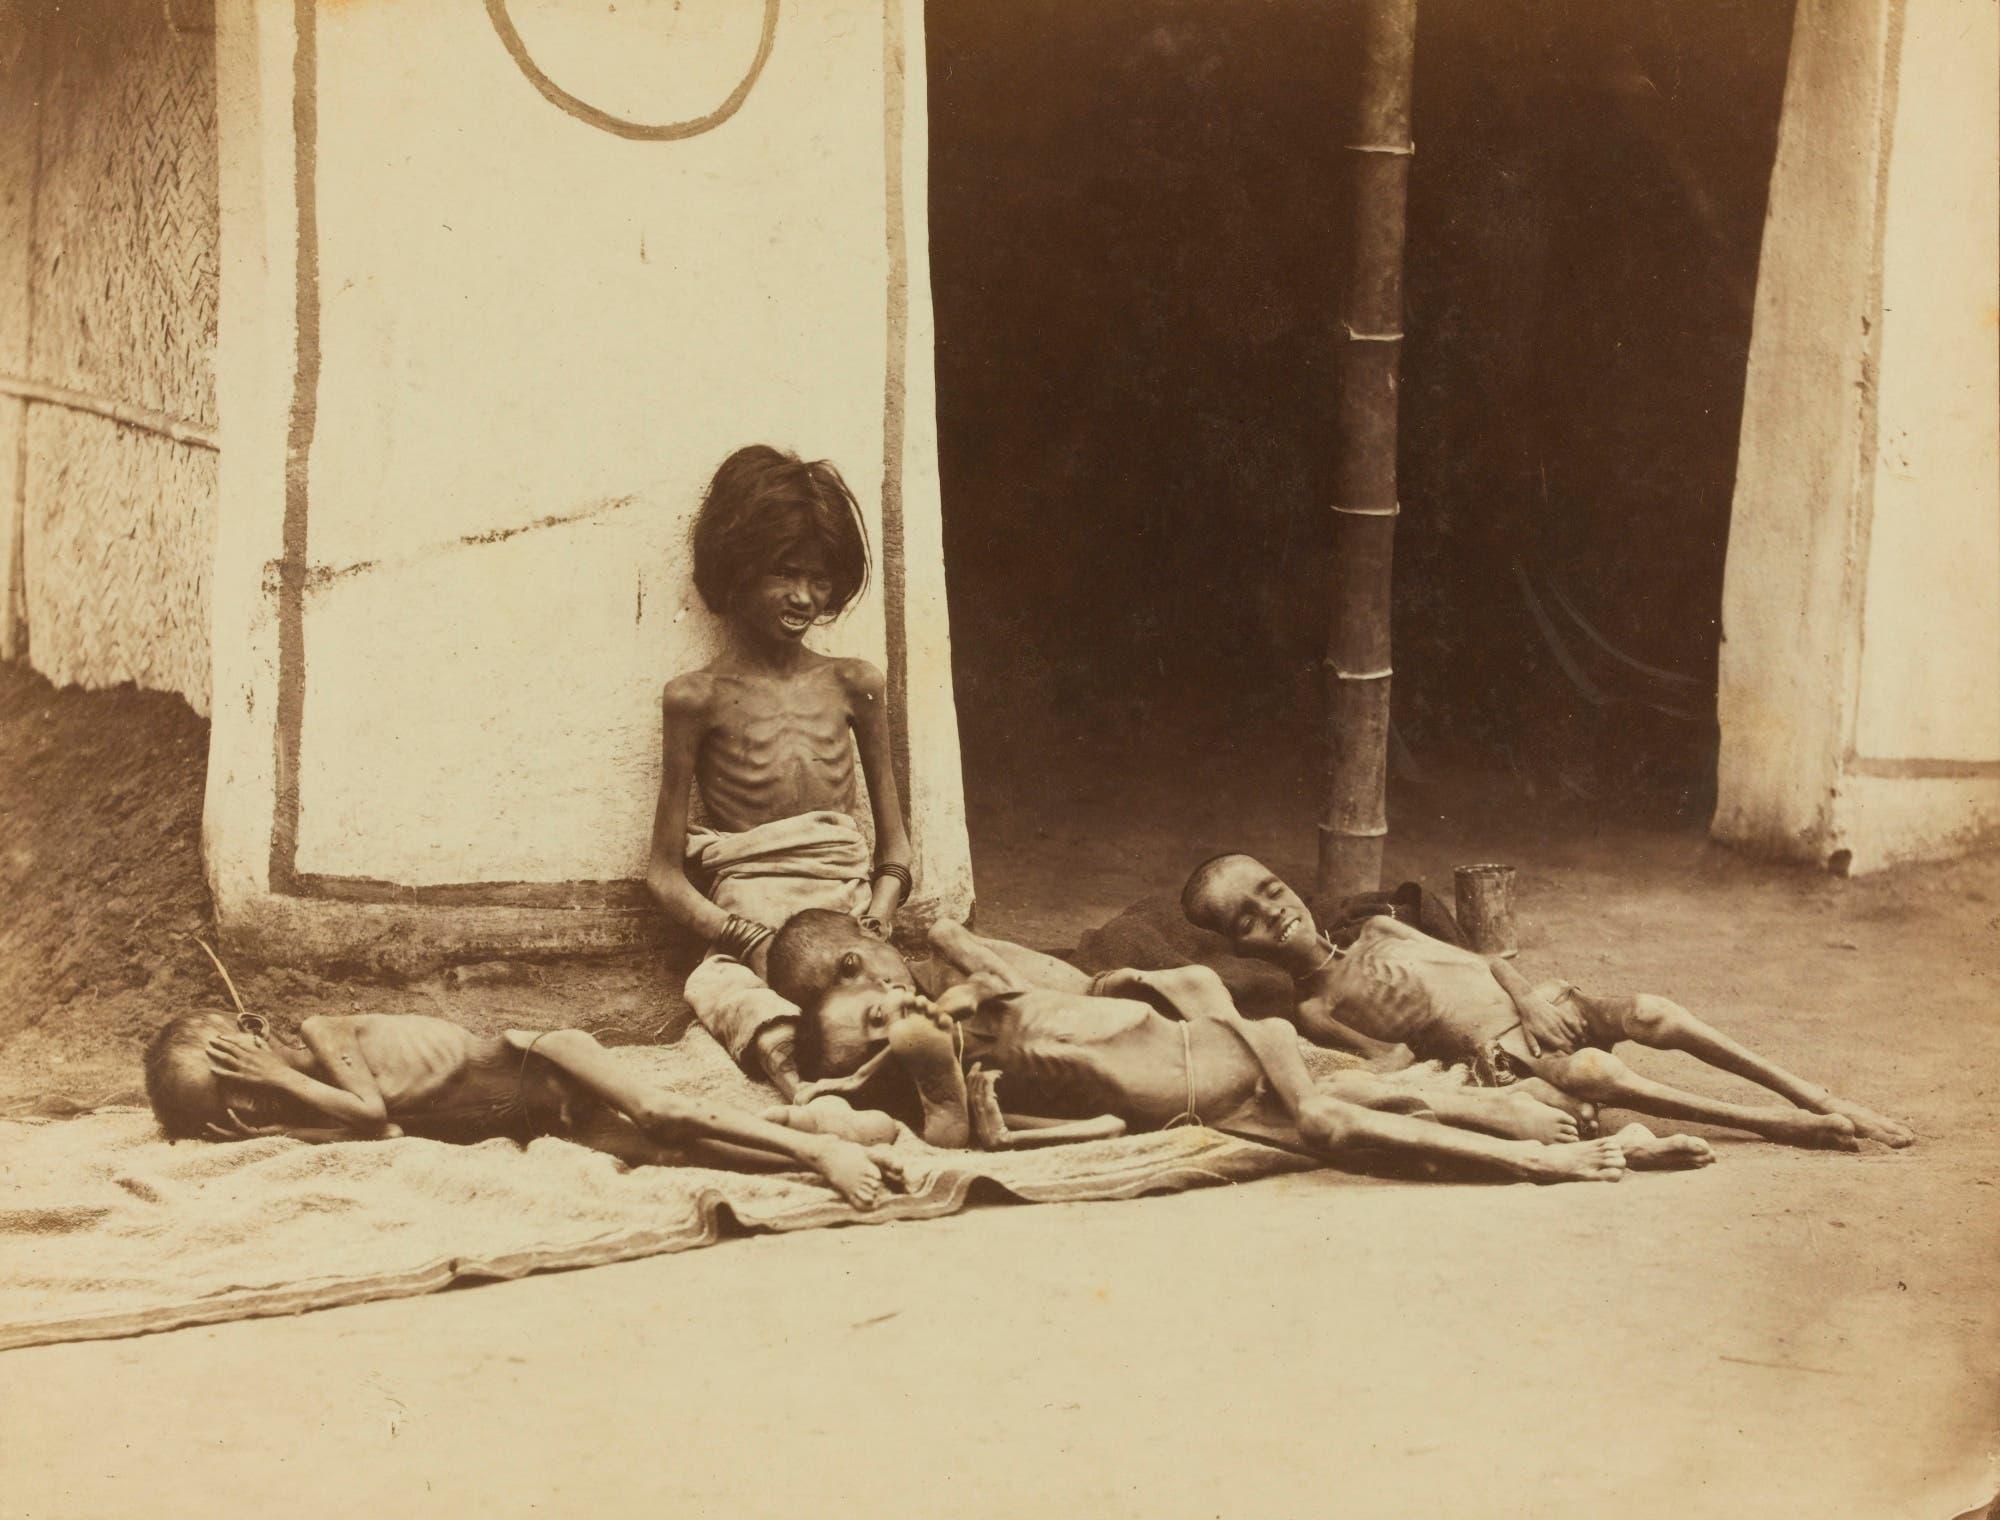 من الهند أثناء فترة التواجد البريطاني